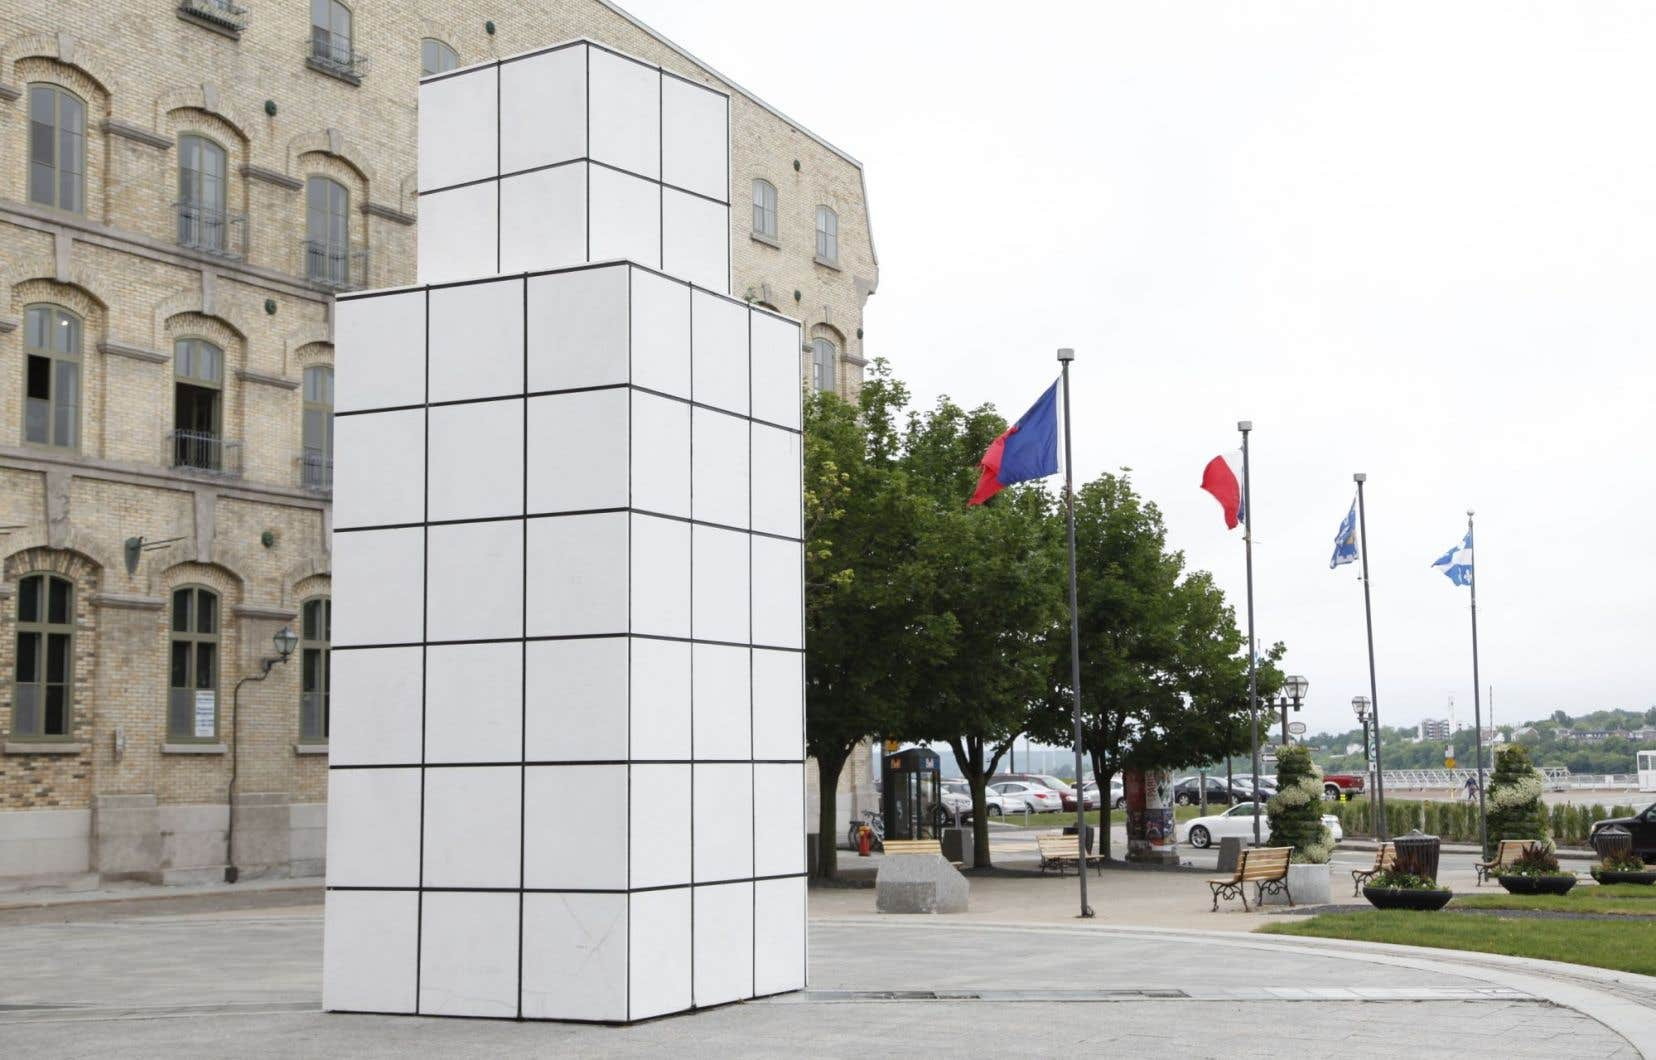 L'œuvre «Dialogue avec l'histoire», de Jean-Pierre Raynaud, située à Québec, a été détruite en 2015.